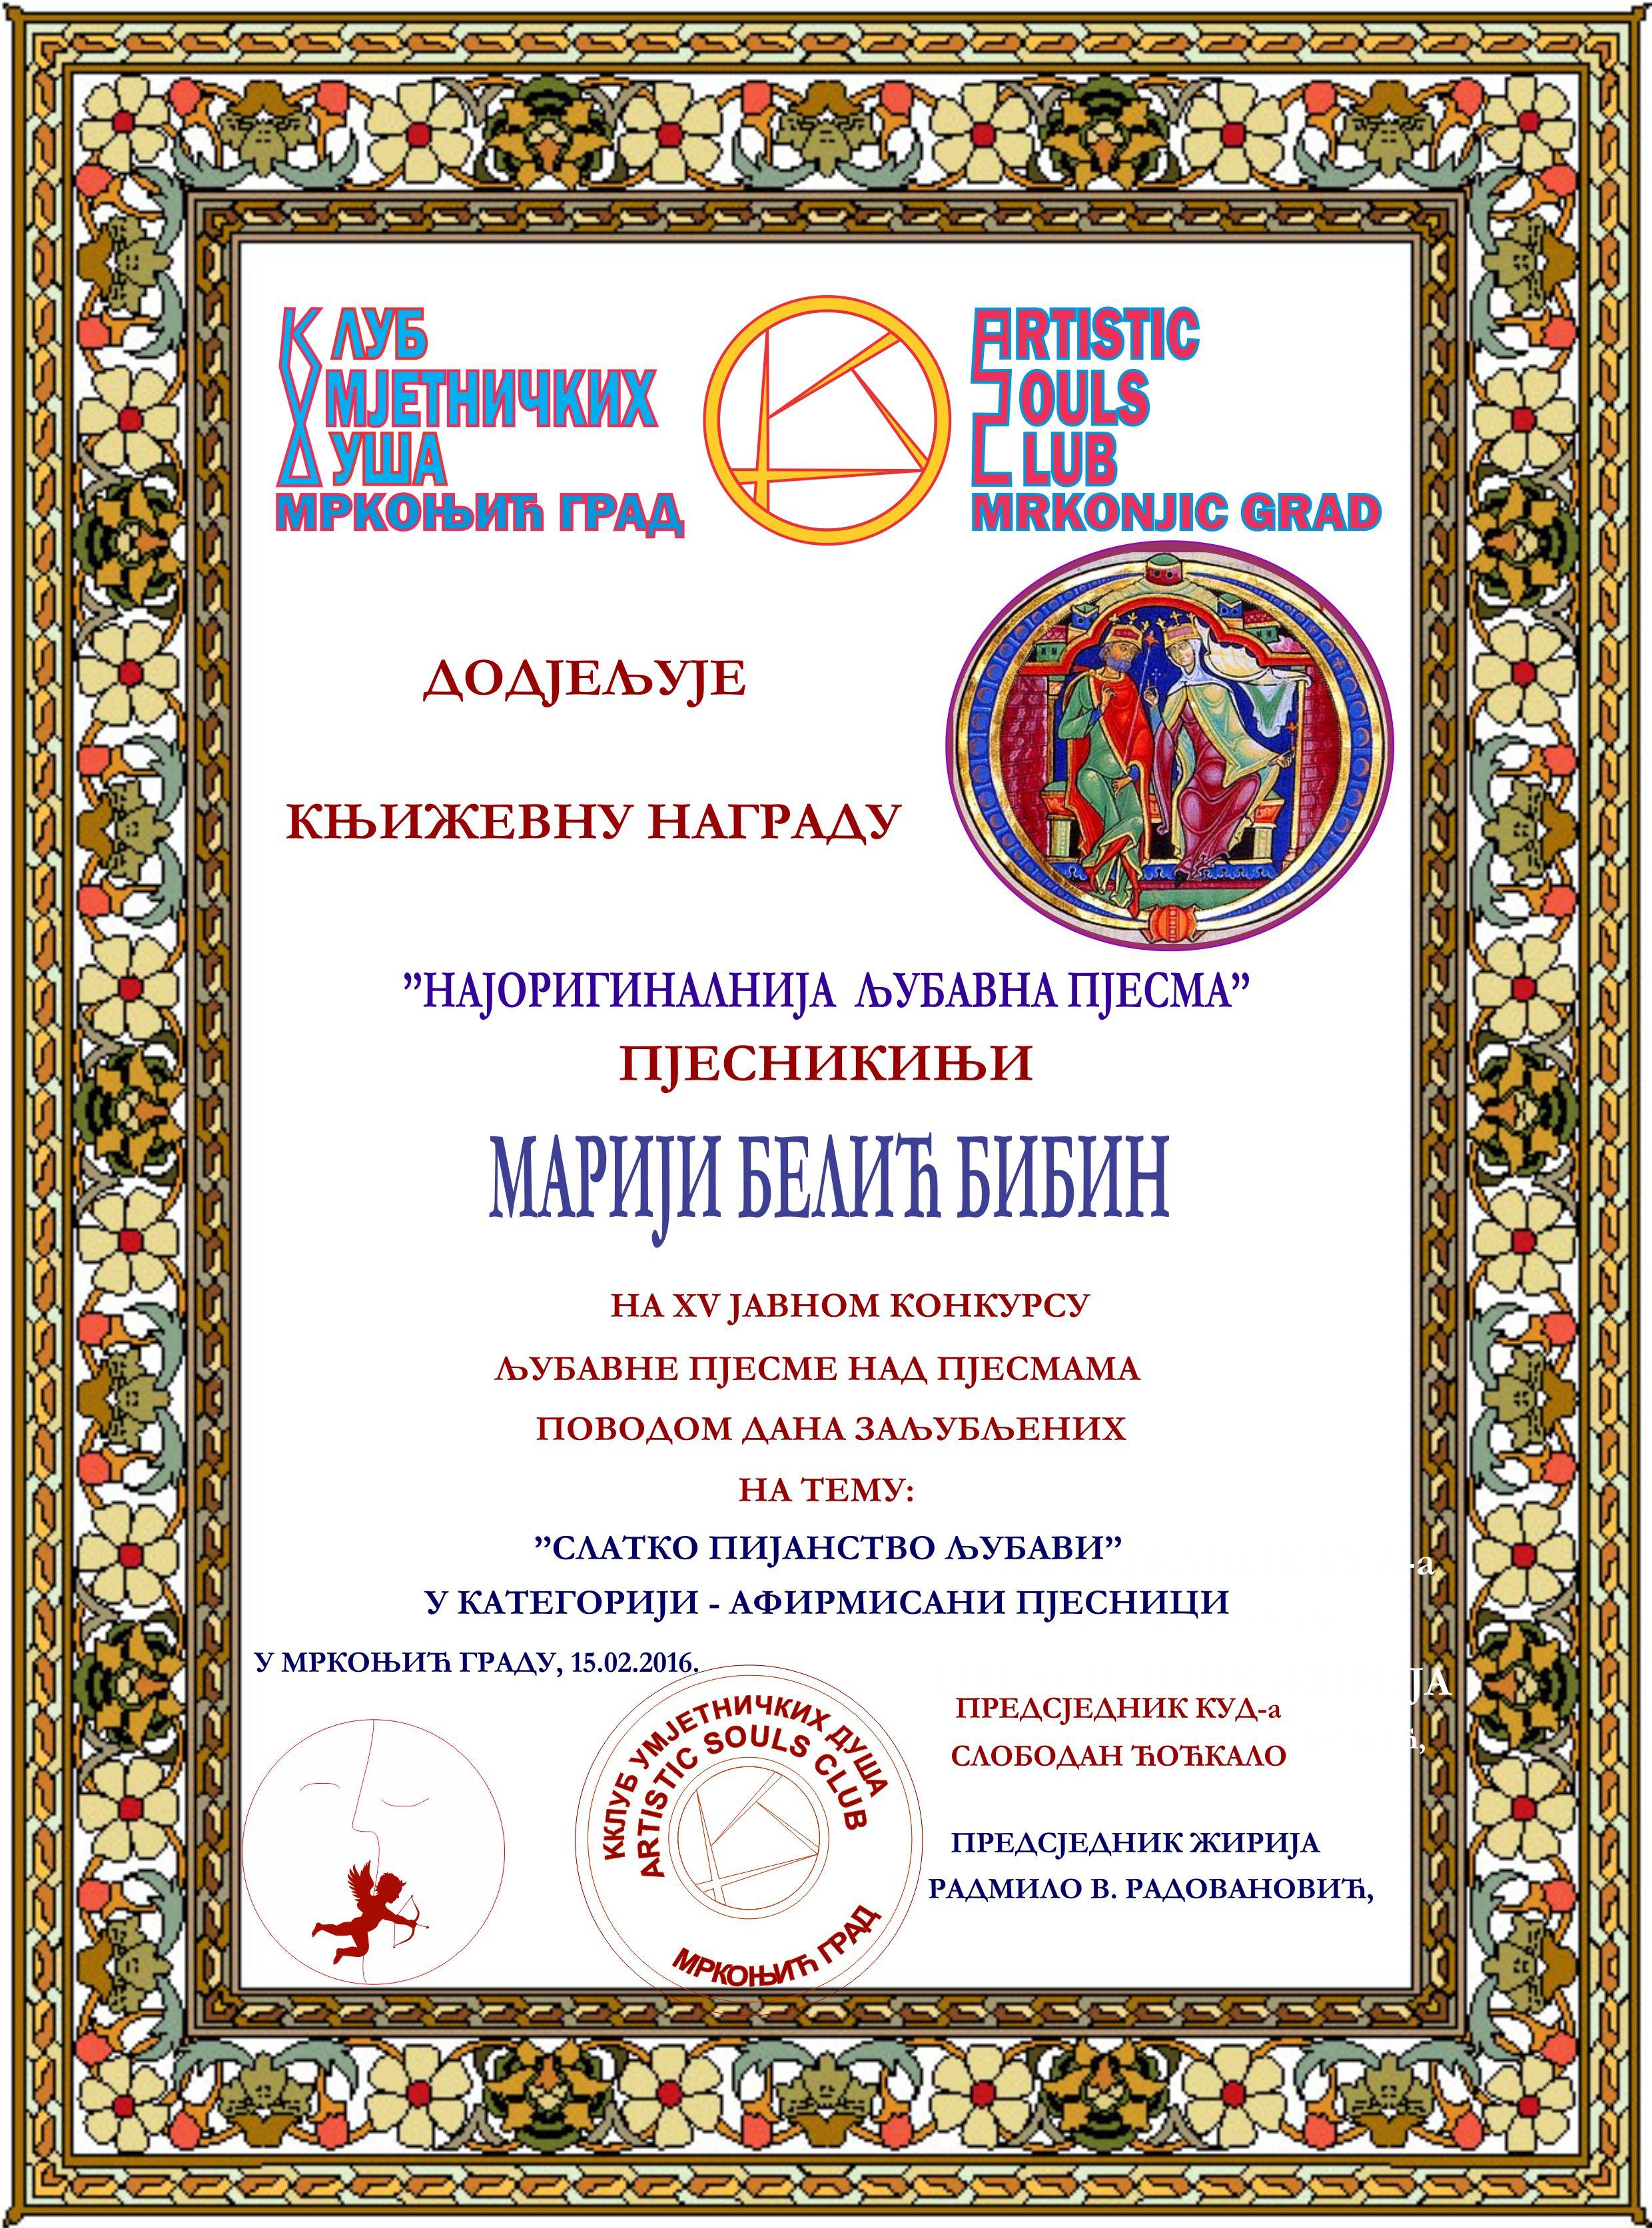 Knjizevna nagrada - diploma